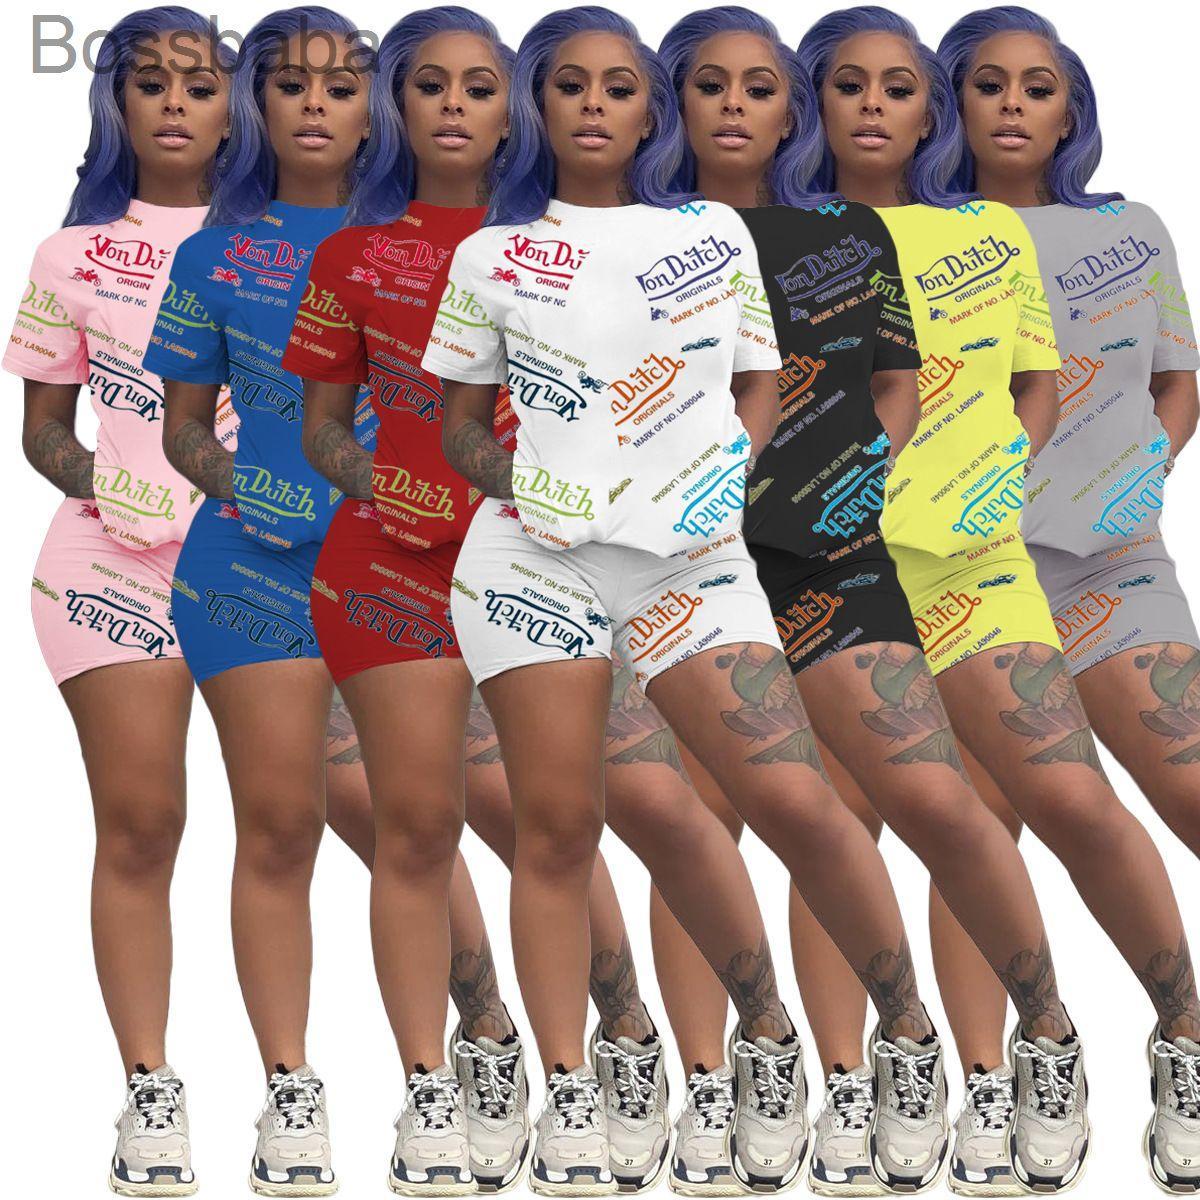 النساء 2 قطعة مجموعة مطبوعة إلكتروني رياضية قصيرة الأكمام السراويل قطعتين الركض البدلة المرأة الصيف الأزياء 835